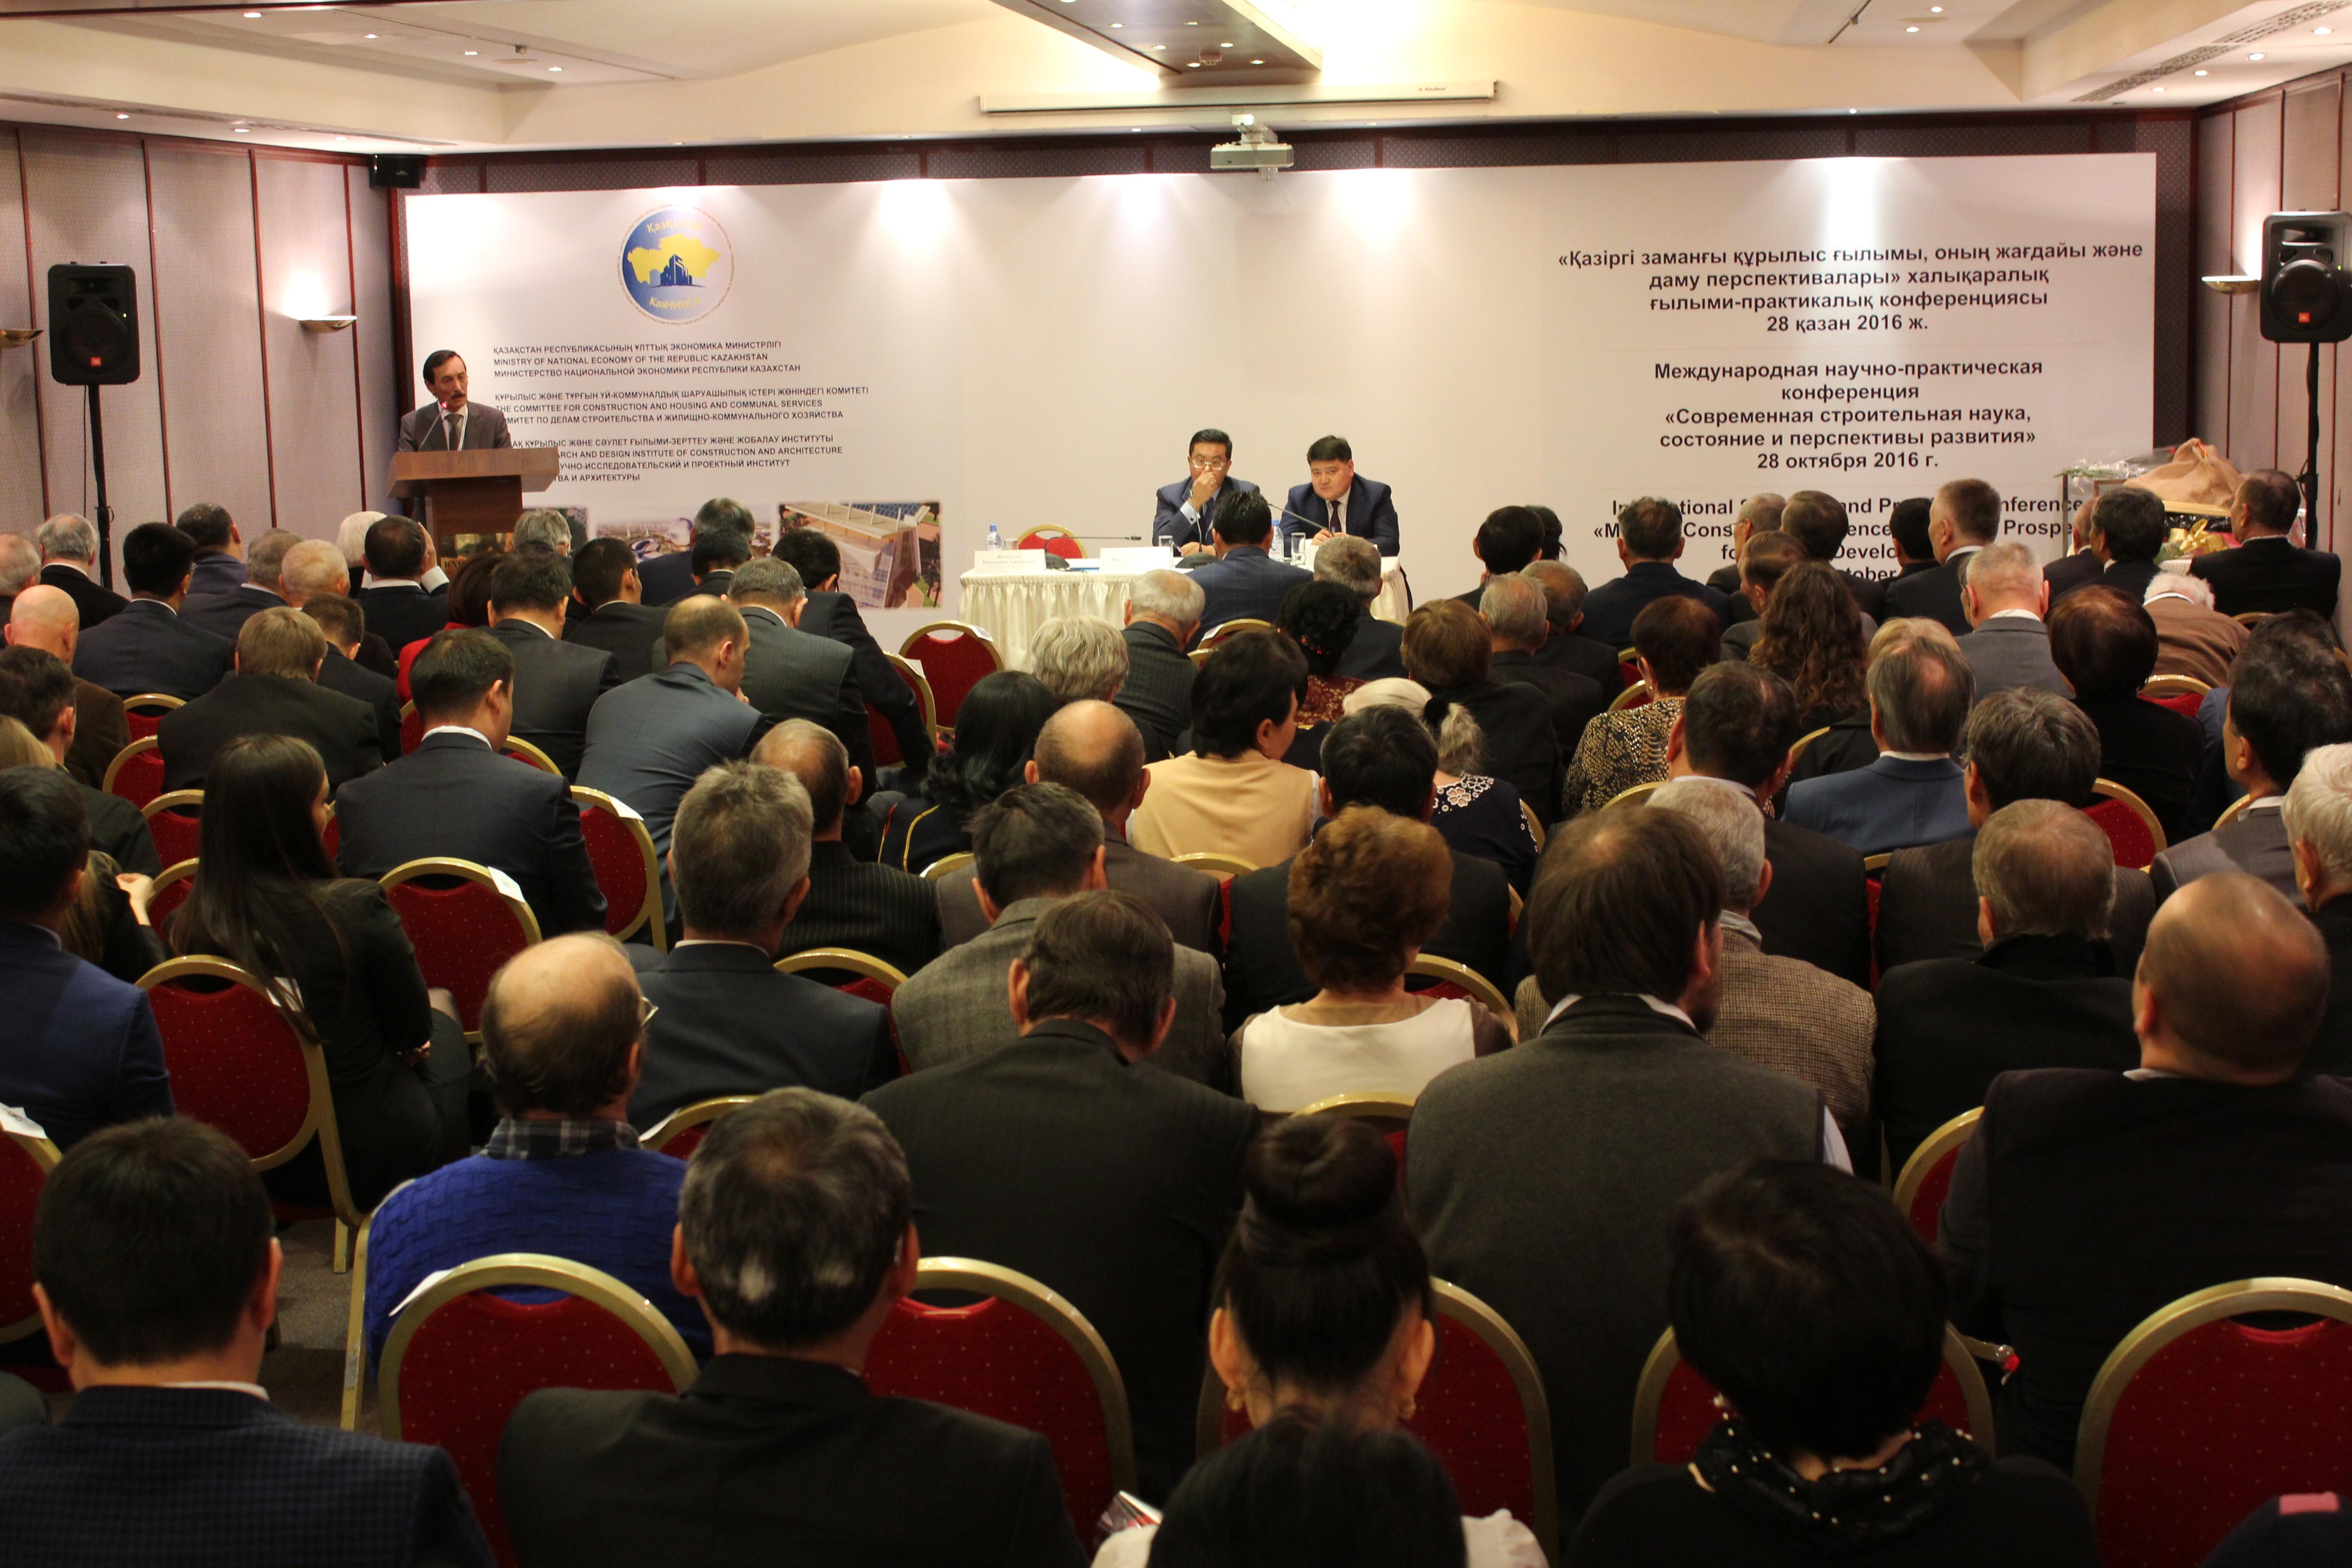 резолюция научной конференции образец